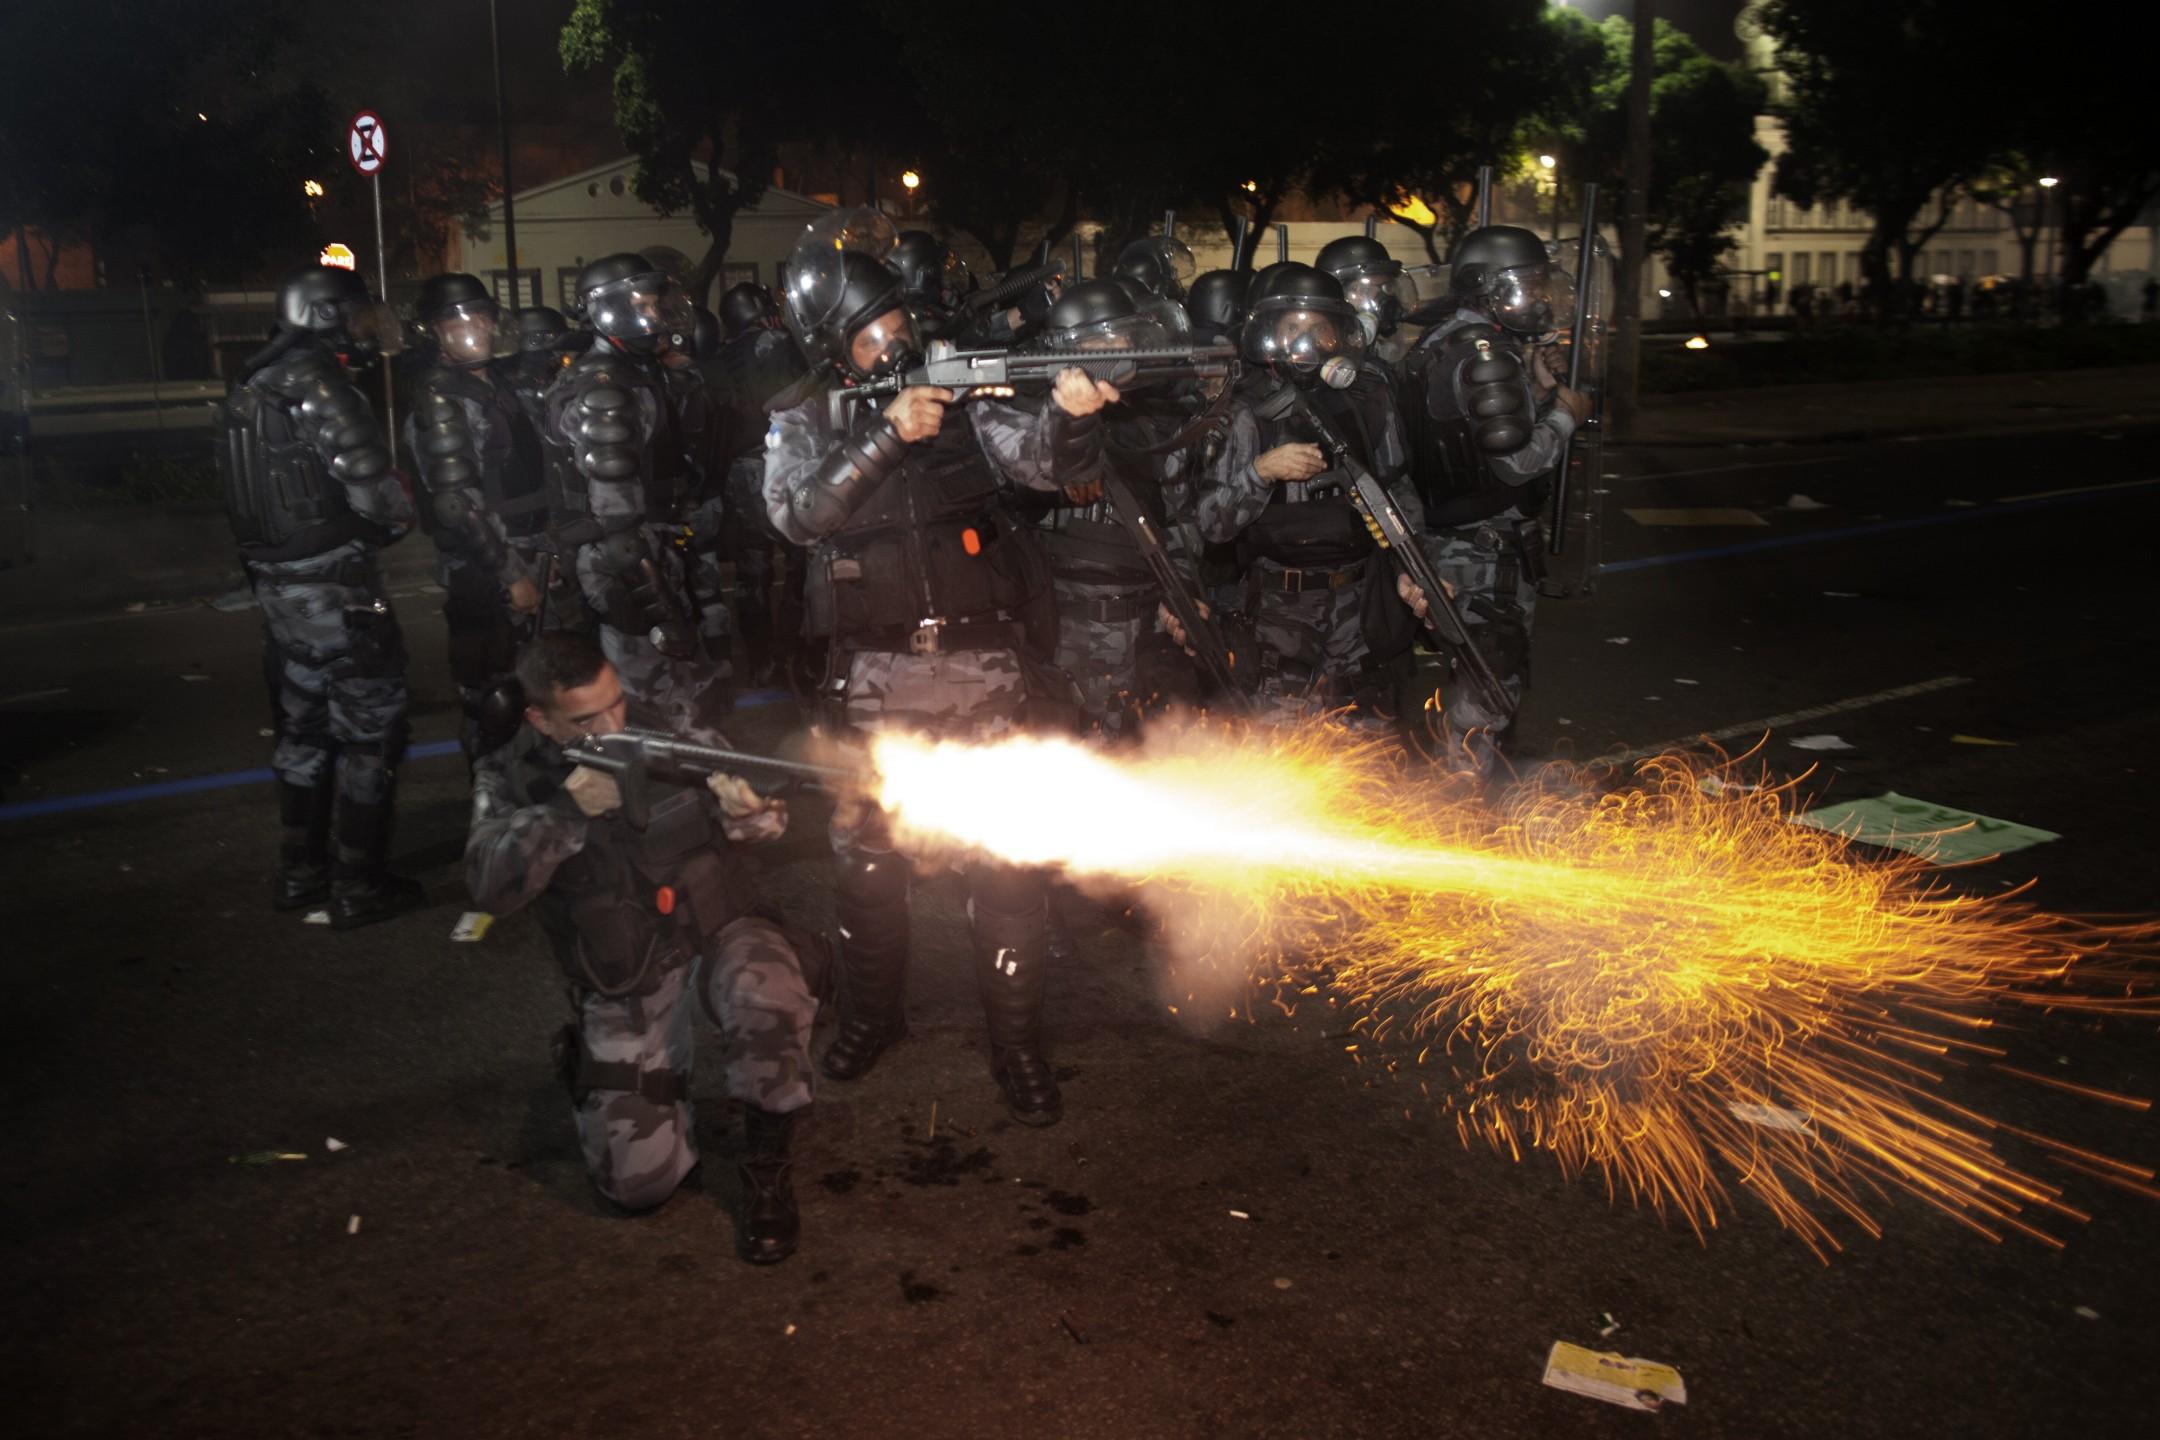 militaire_politie.jpg